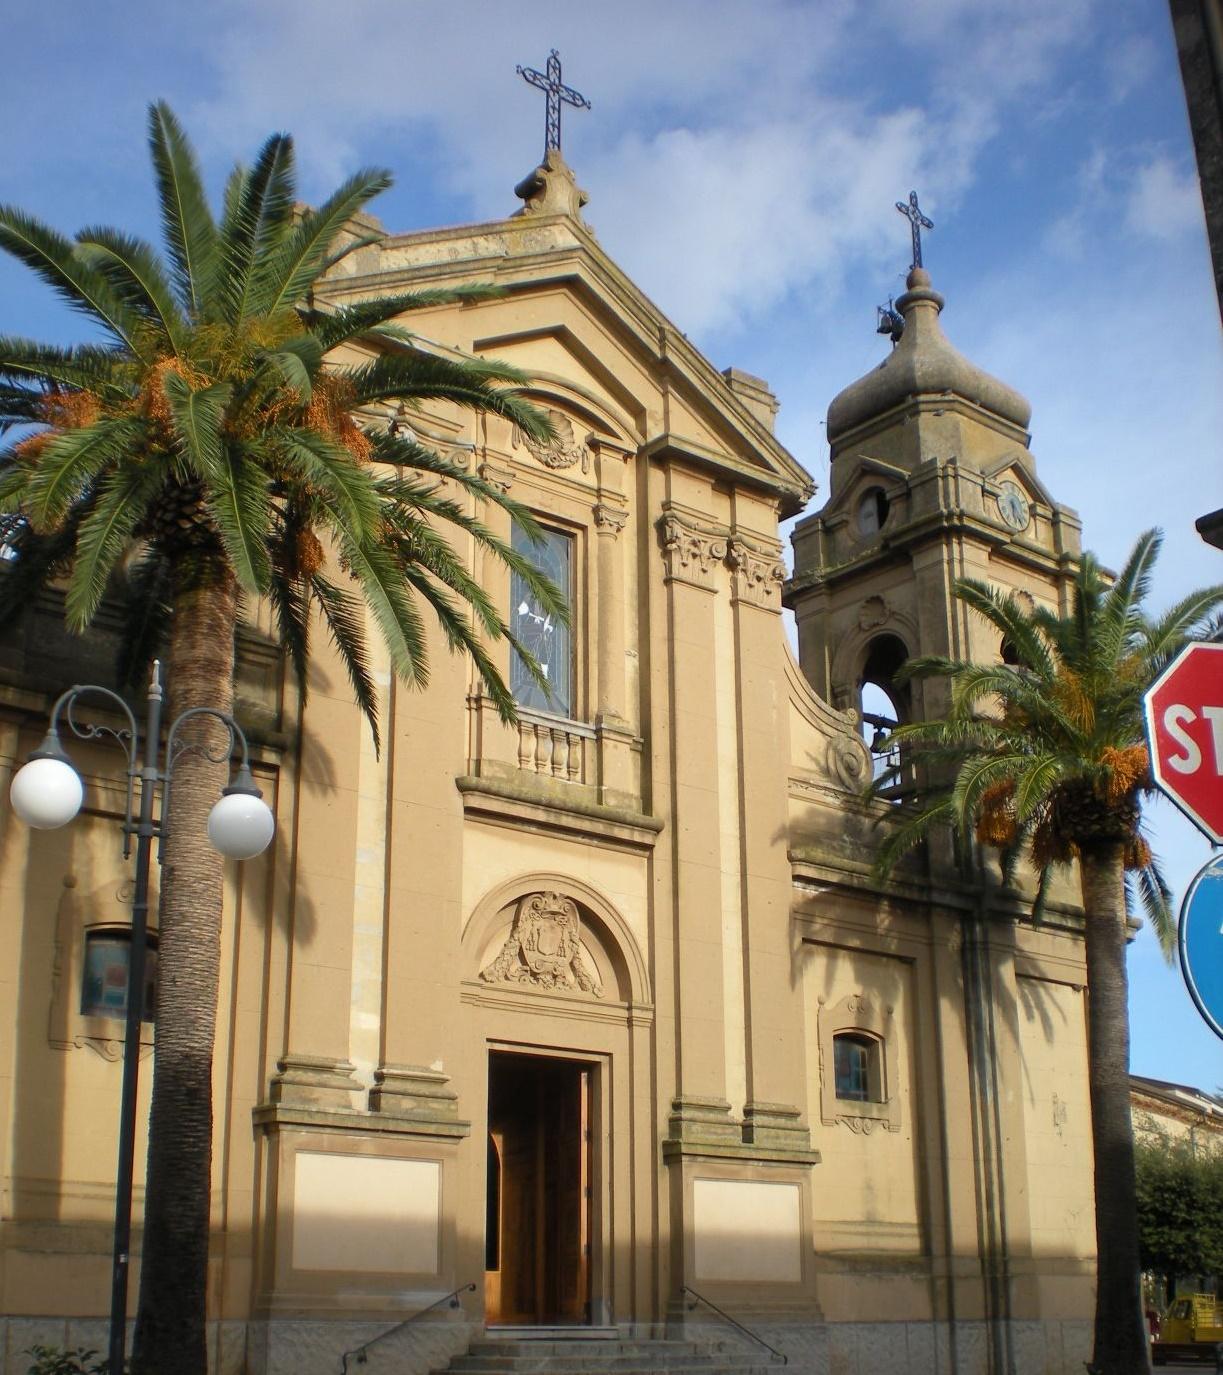 Limbadi, chiesa negata all'orchestra giovanile, è polemicaIl vescovo: «Le chiese luoghi di culto non di spettacolo»